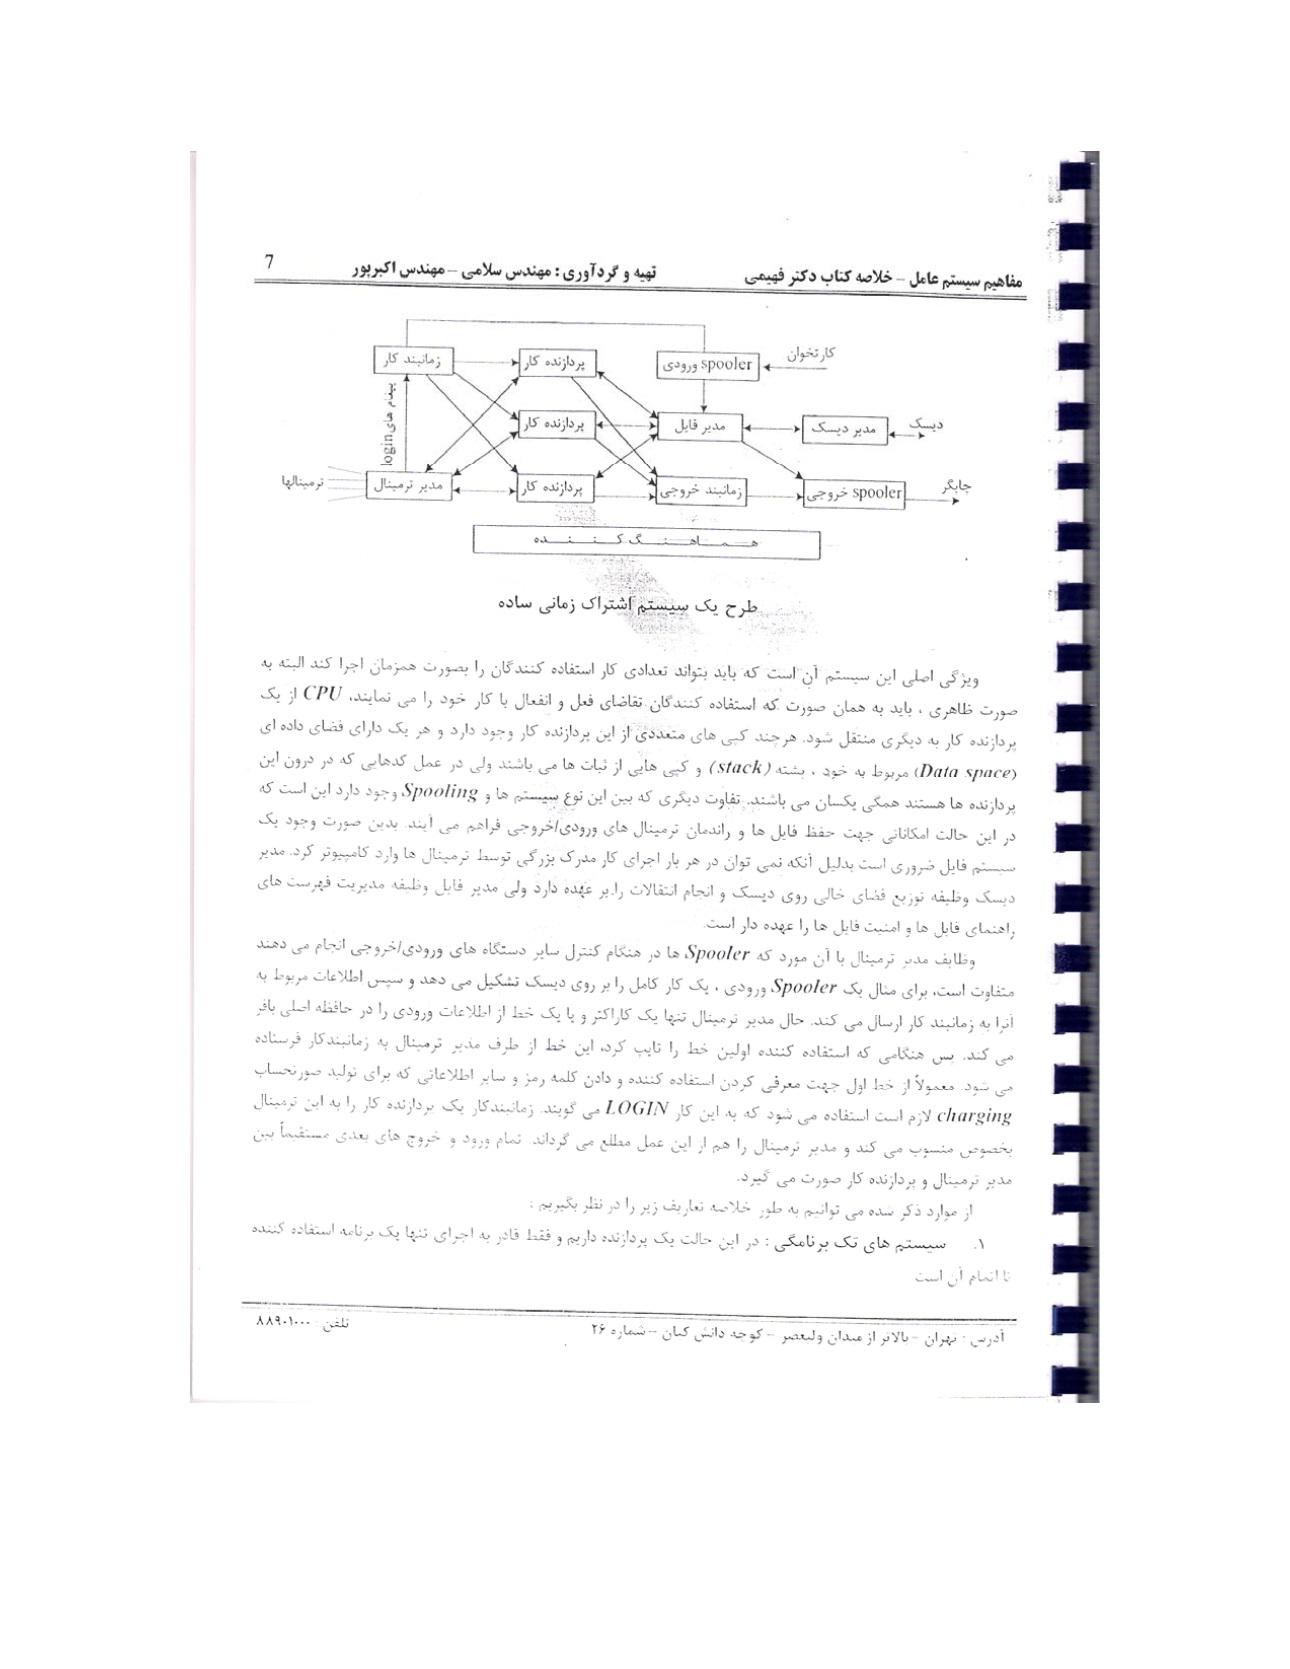 جزوه سیستم عامل خلاصه کتاب دکتر فهیم پارسه- گردآوری سلامی-اکبر پور